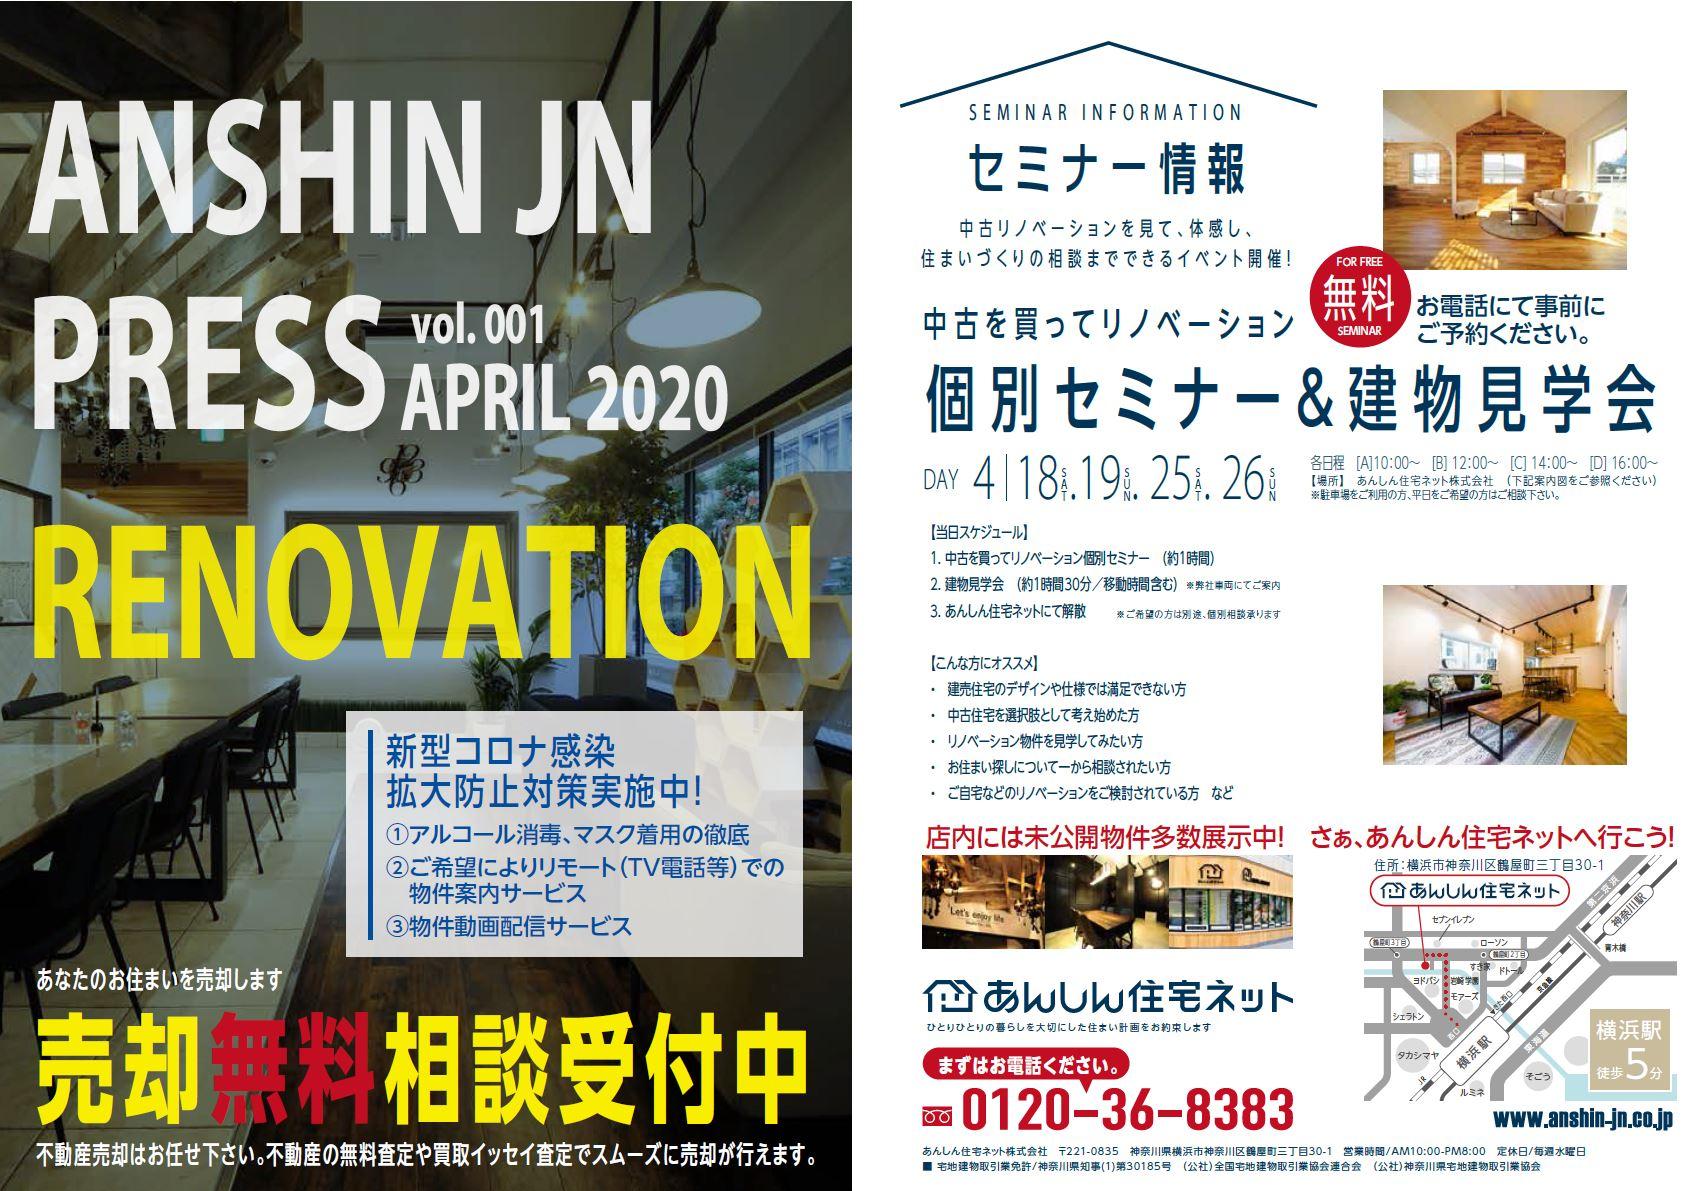 【無料・1日4回開催】個別セミナー&建物見学会 4/19(日)12時~